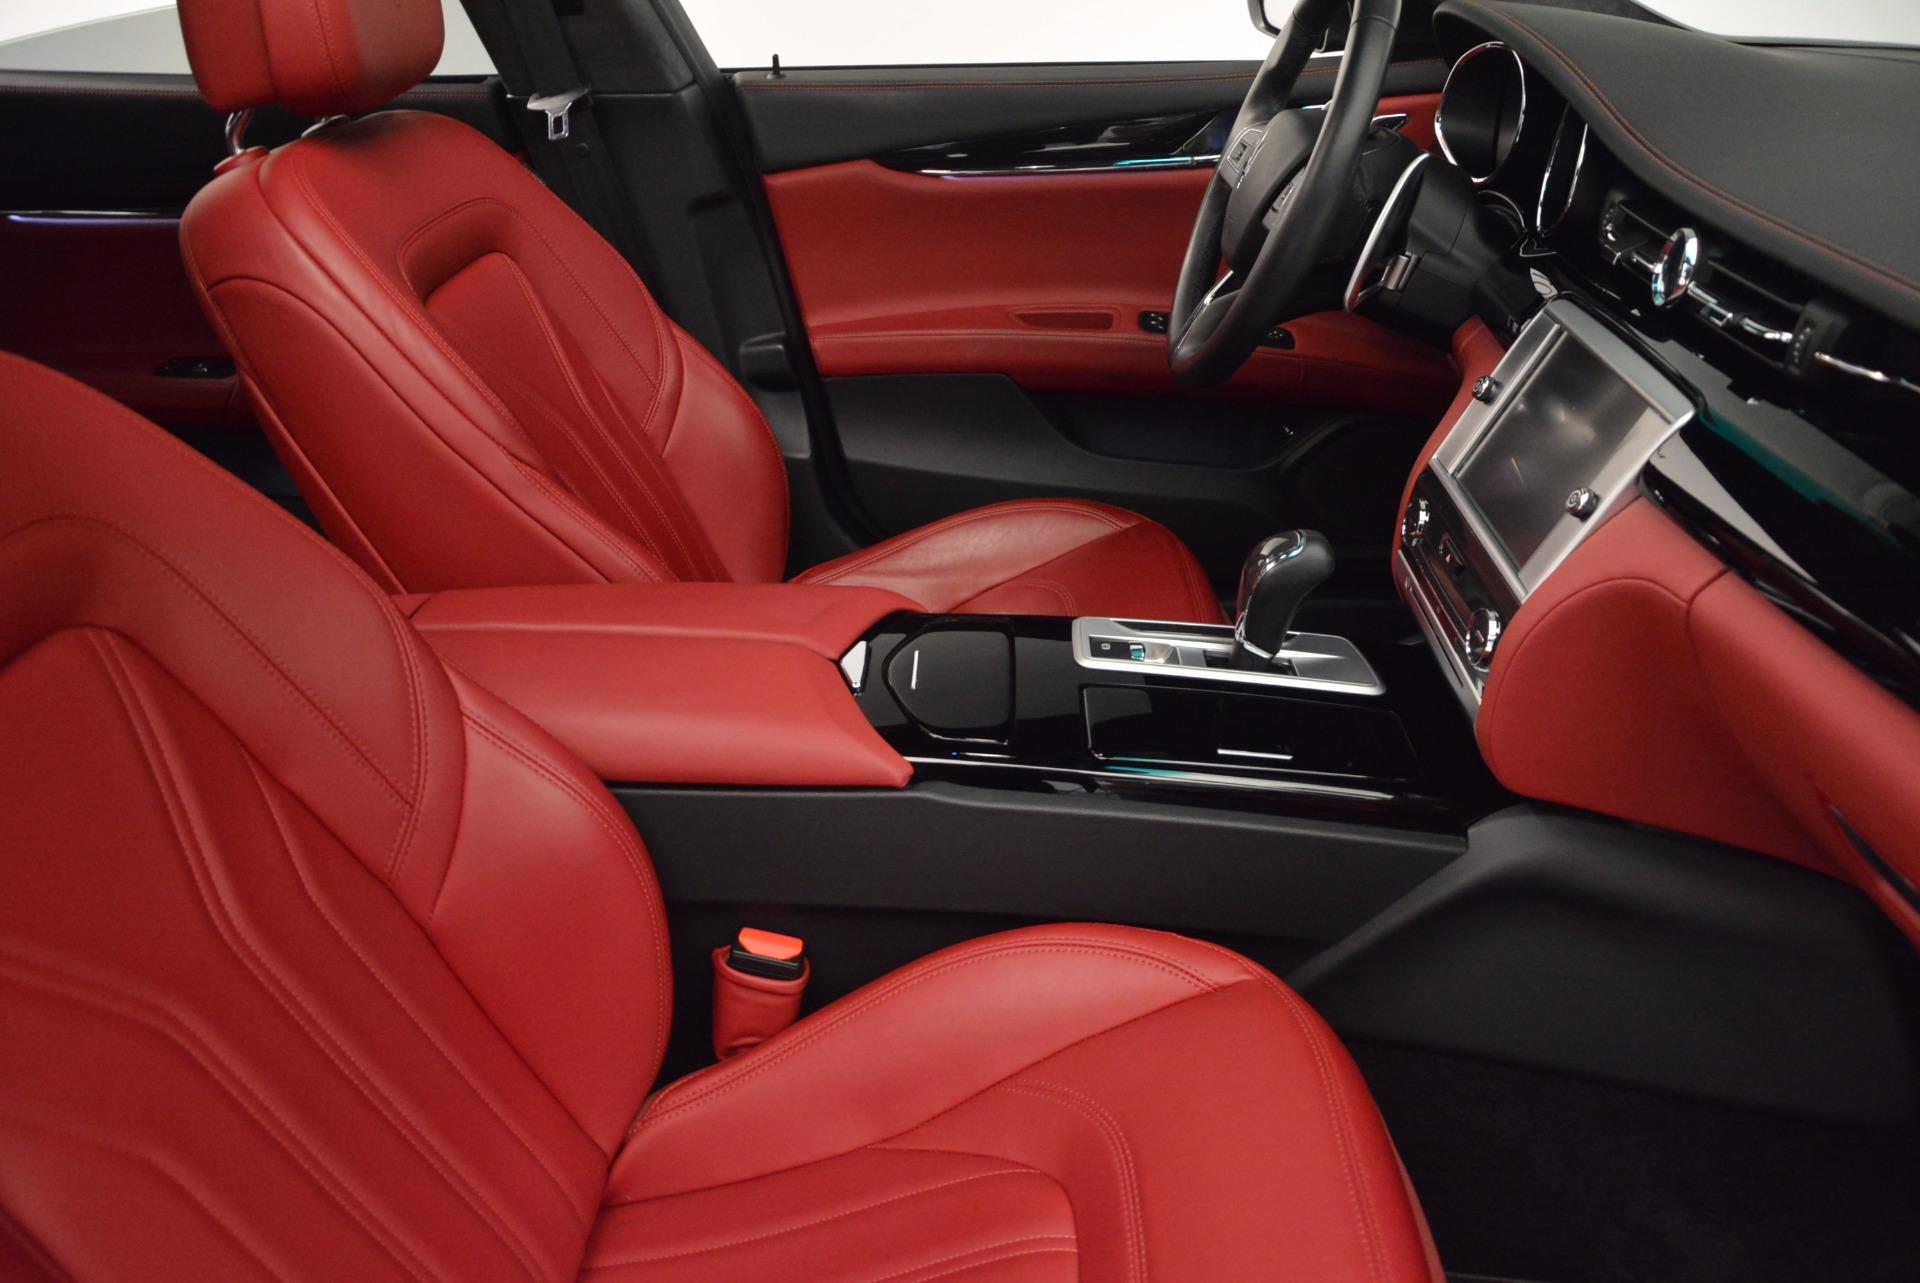 Used 2015 Maserati Quattroporte S Q4 For Sale In Westport, CT 809_p21